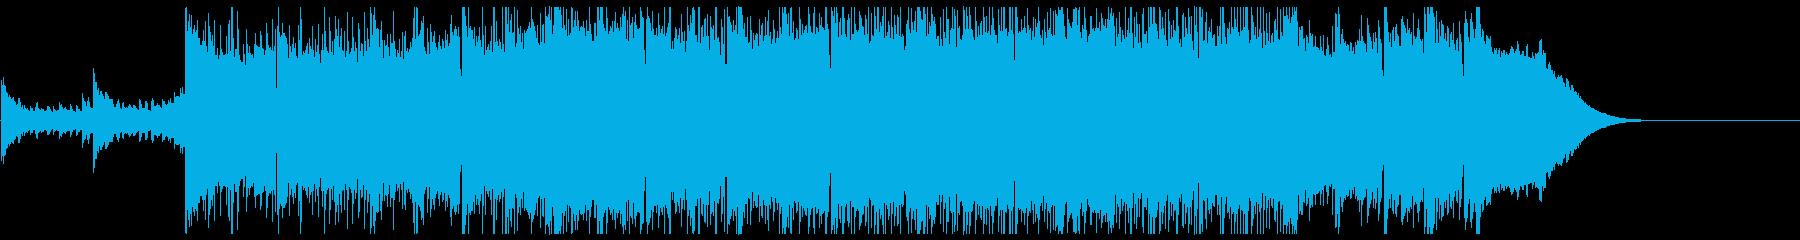 優しいピアノのスローテクノの再生済みの波形